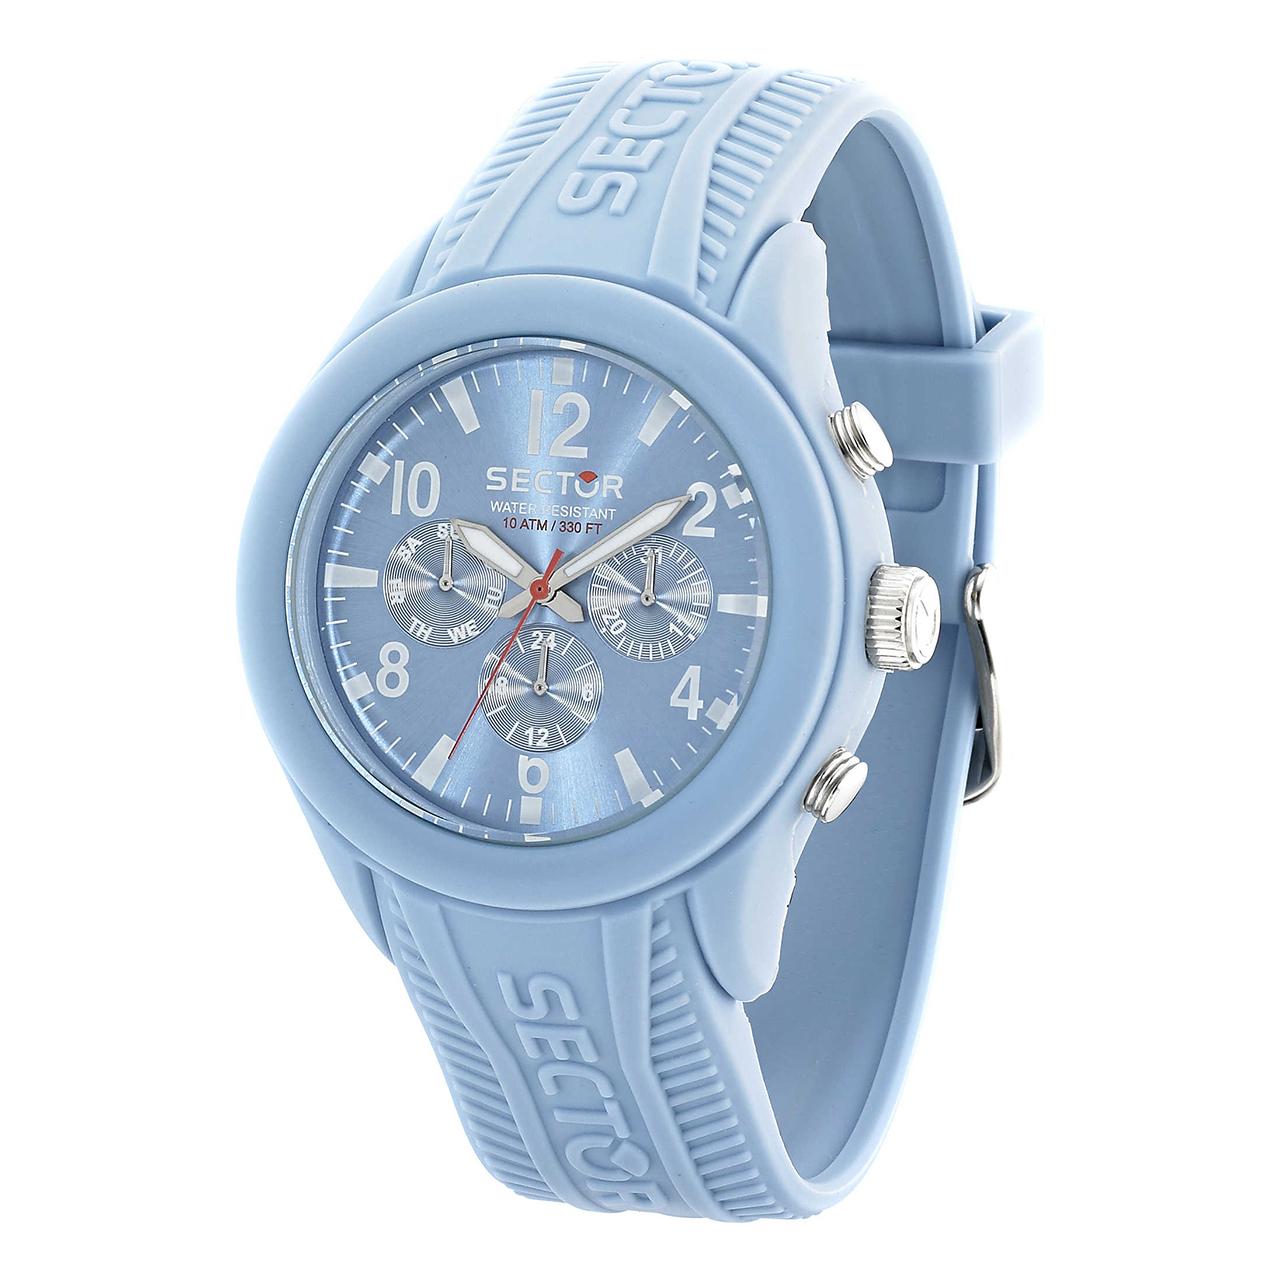 ساعت مچی عقربه ای مردانه سکتور مدل 3251576003